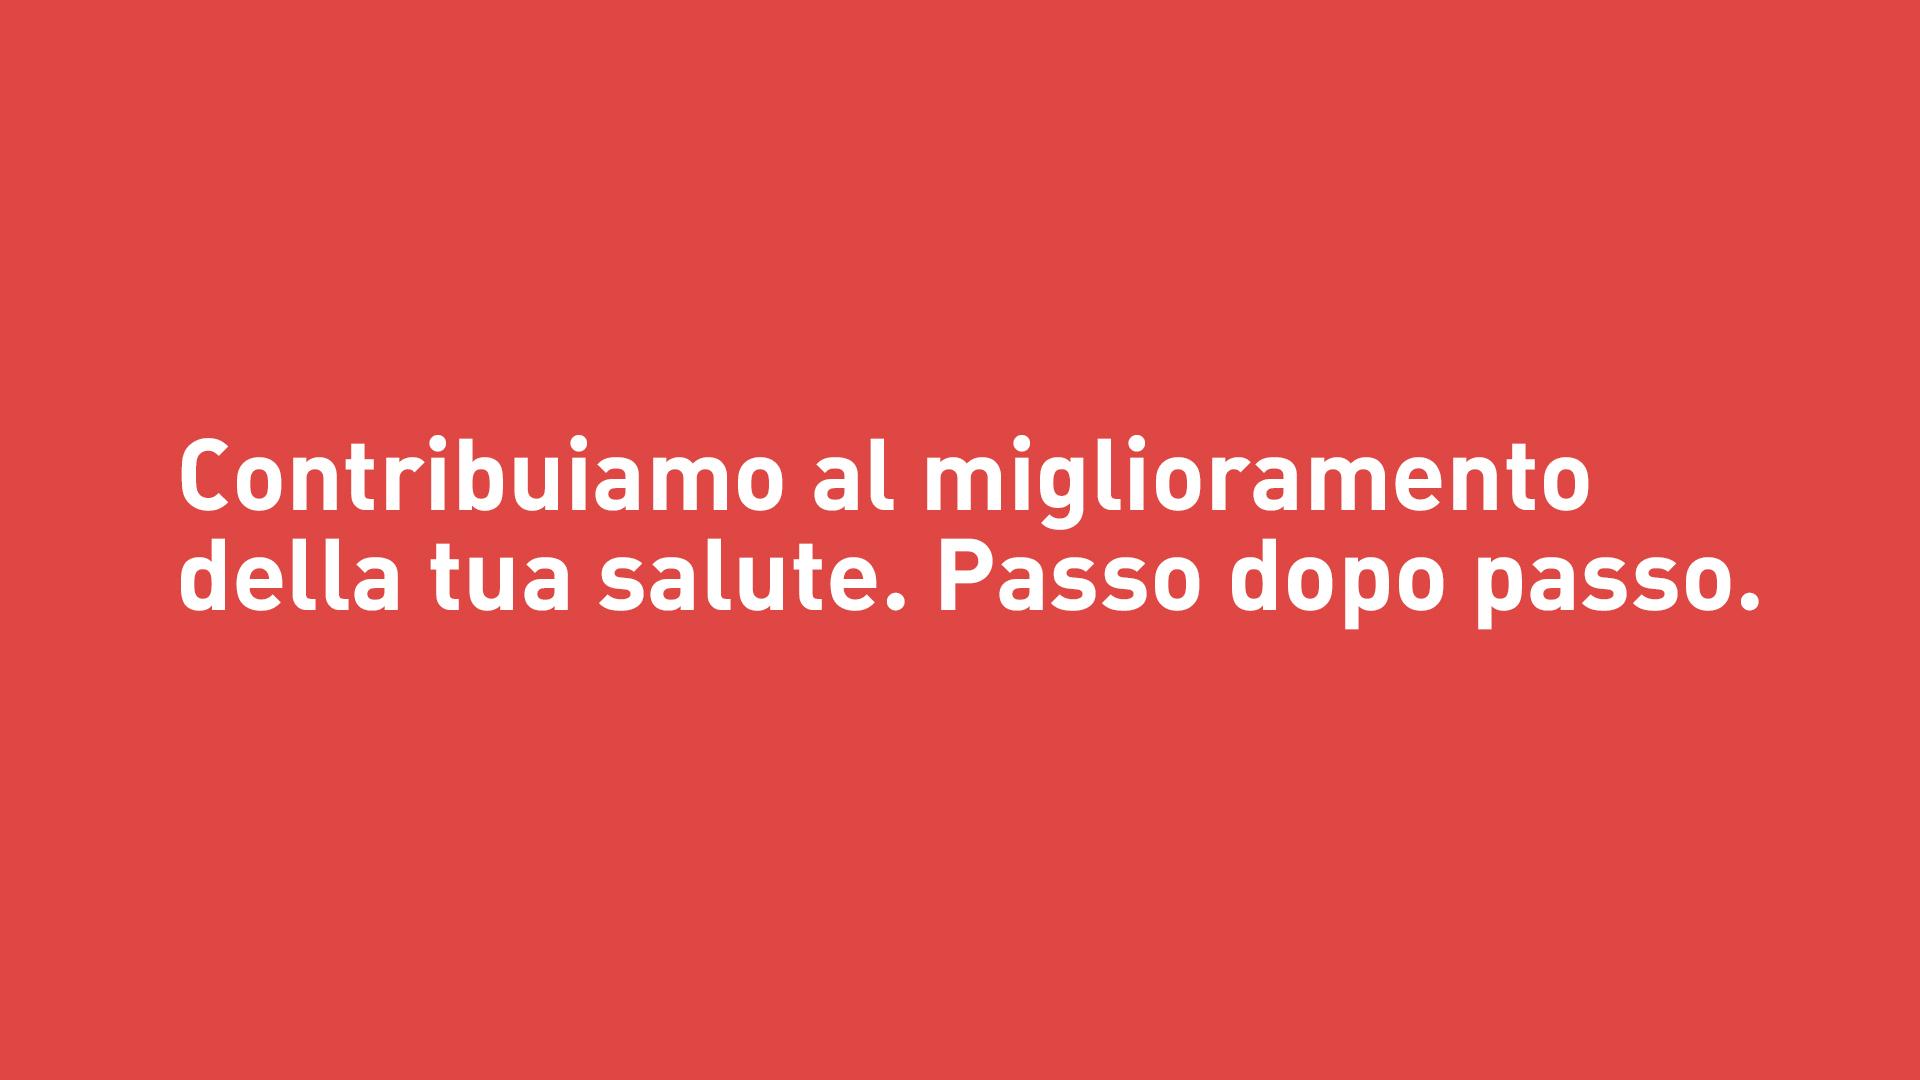 nutramy_filosofia3